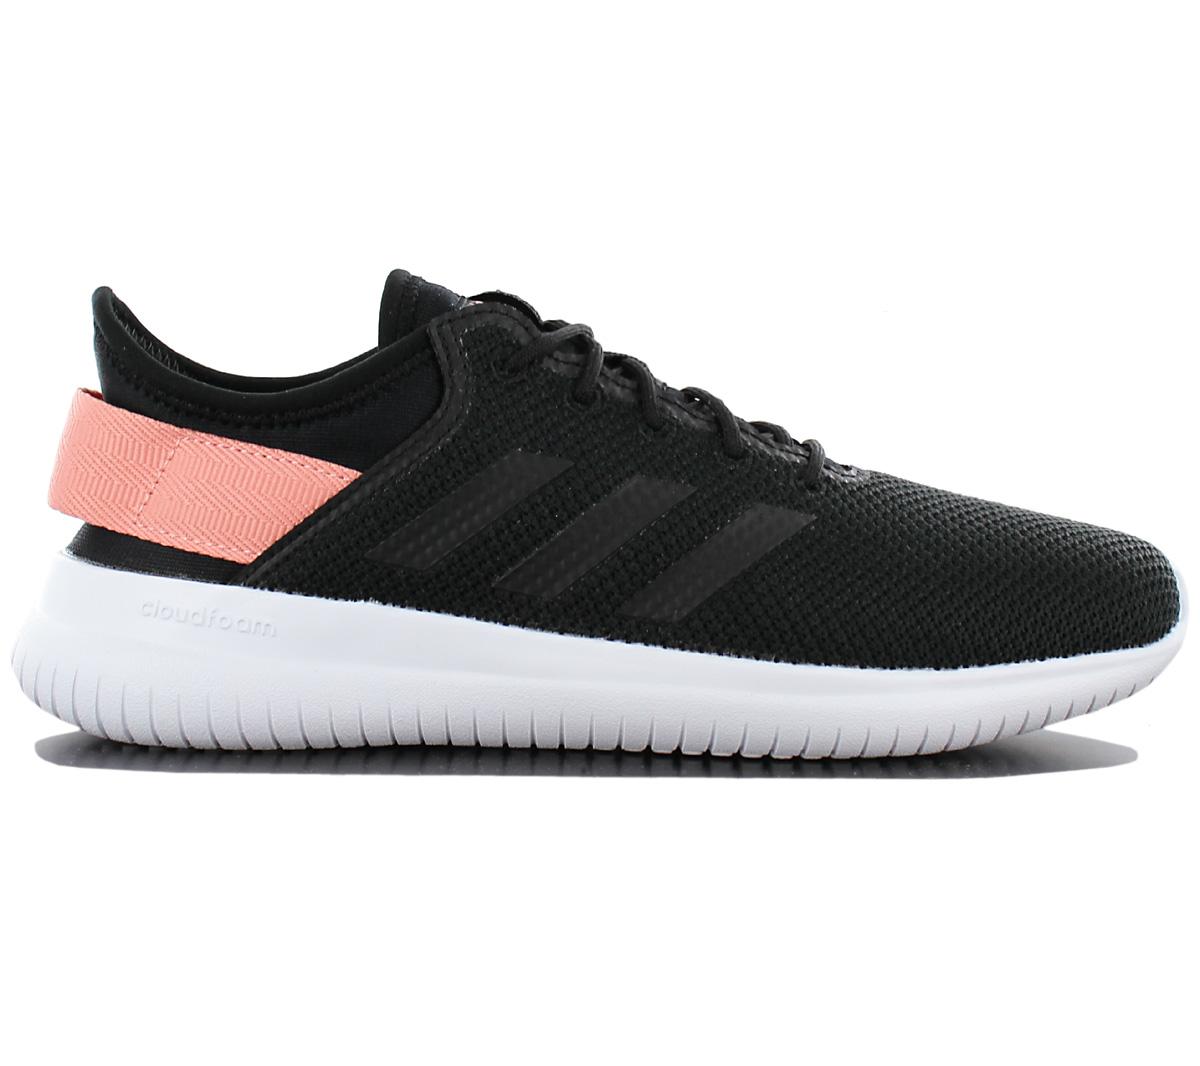 adidas cloudfoam qt flex di w signore scarpe scarpe fitness scarpe